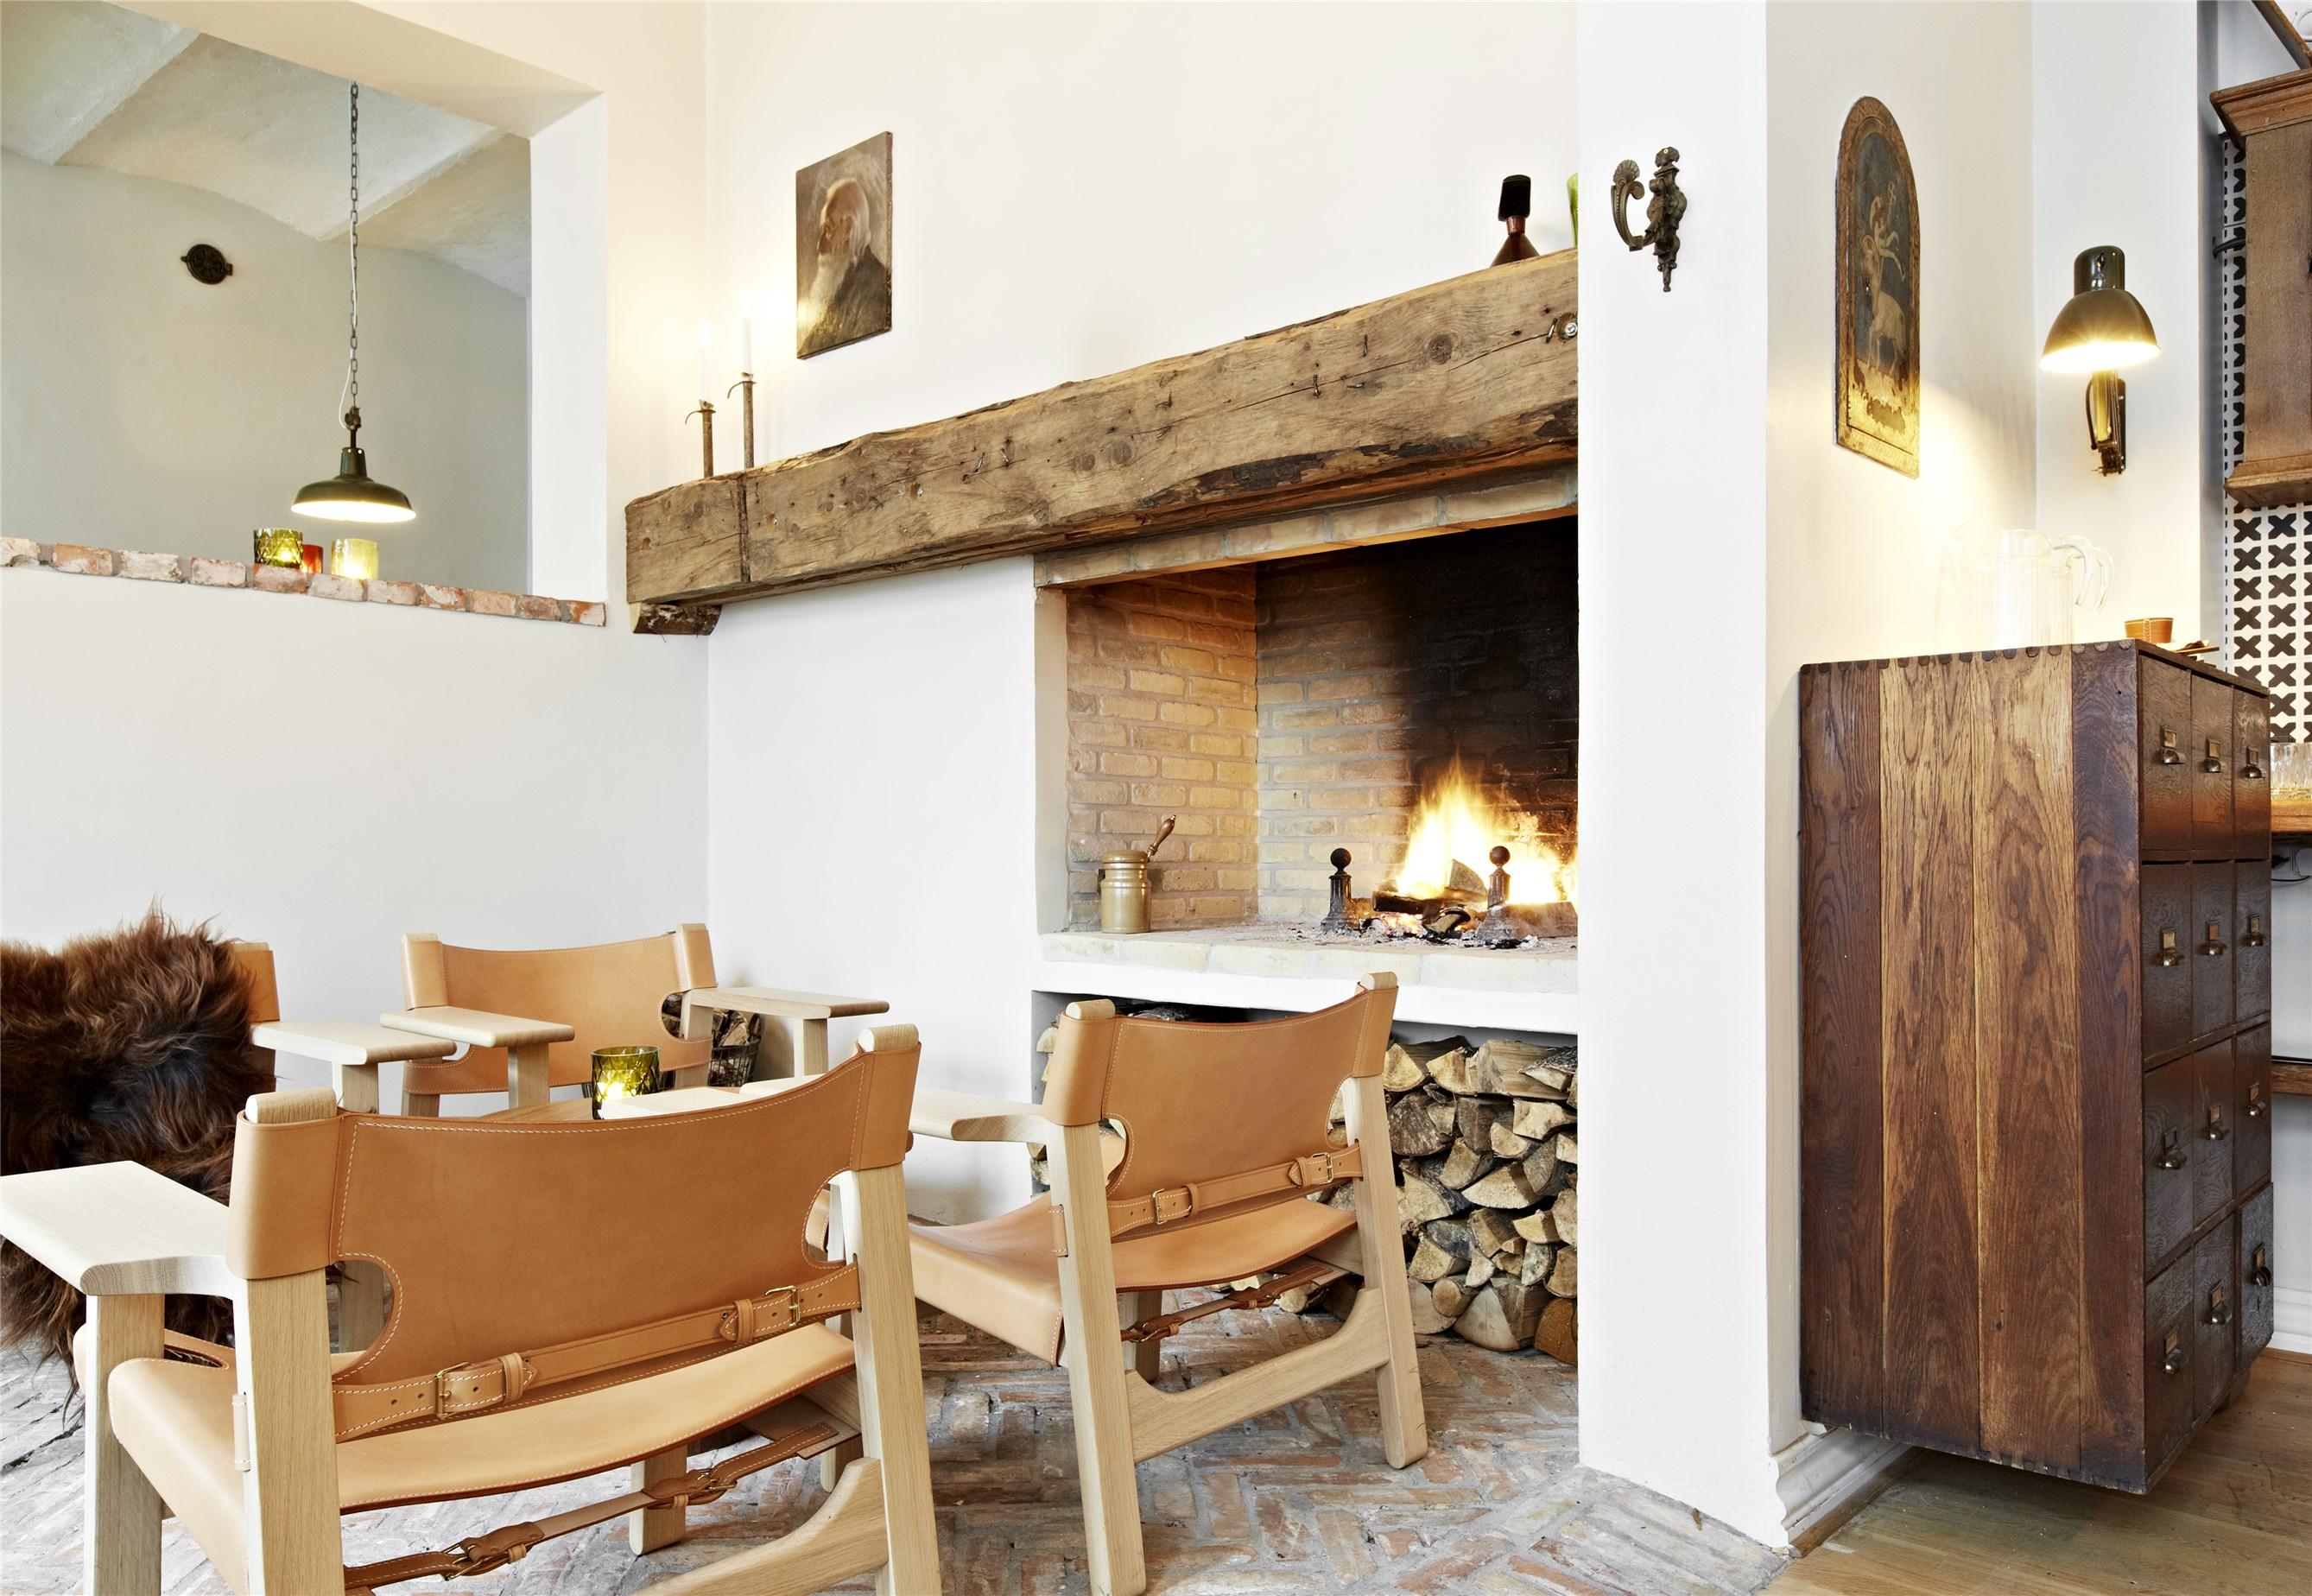 Design De Maison Interieur - Rellik.us - rellik.us